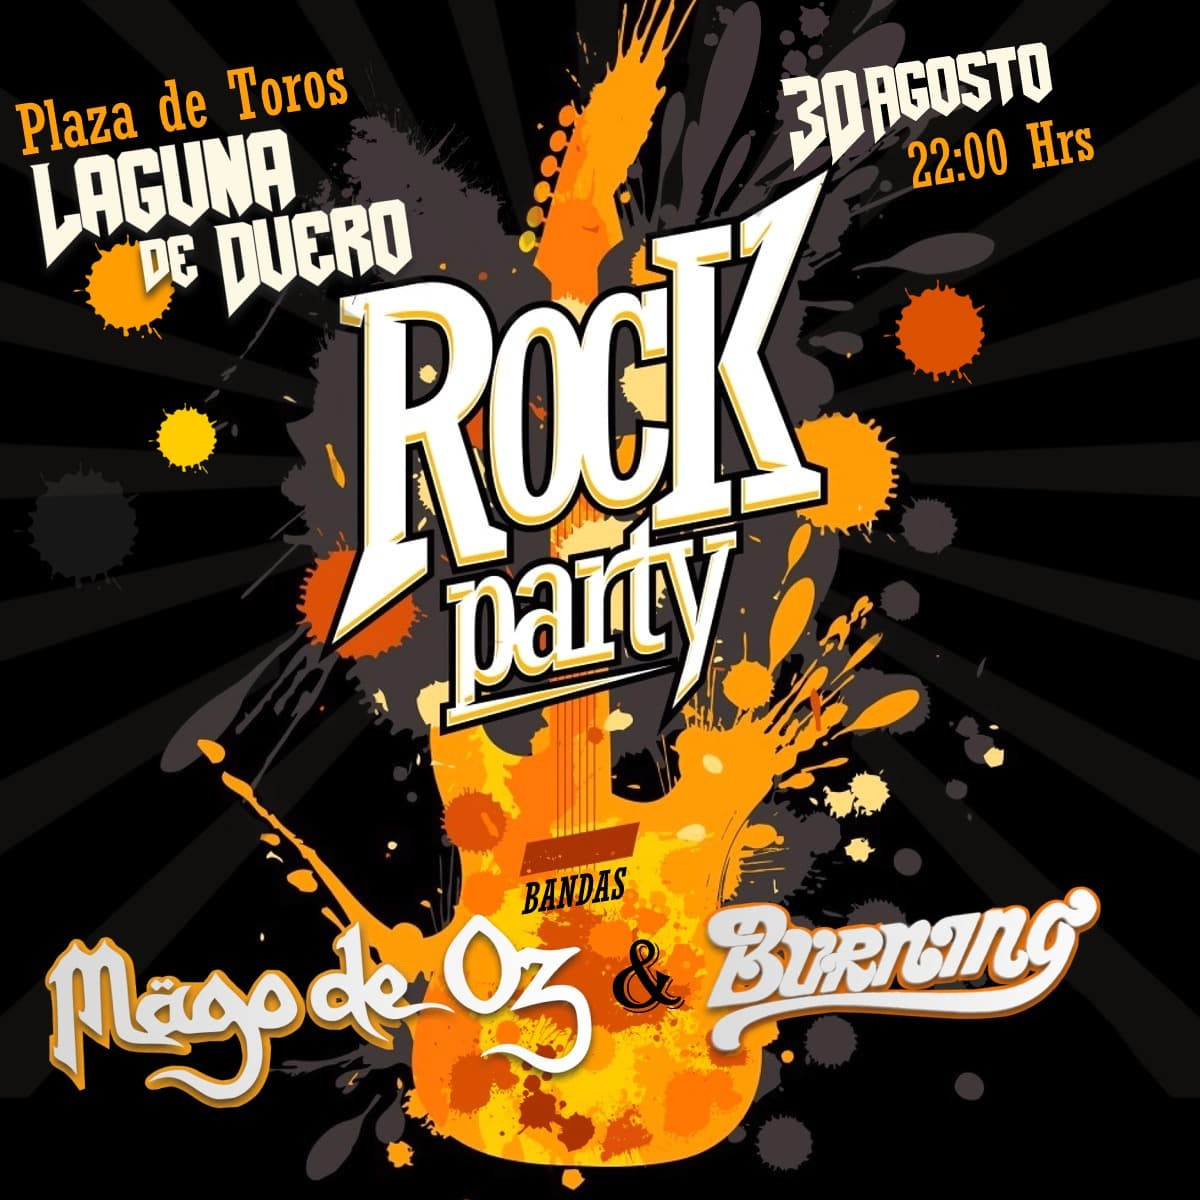 Pandora Producciones - Laguna Rock Party con Mago de Oz & Burning - Laguna de Duero - Valladolid - Agosto - 2019